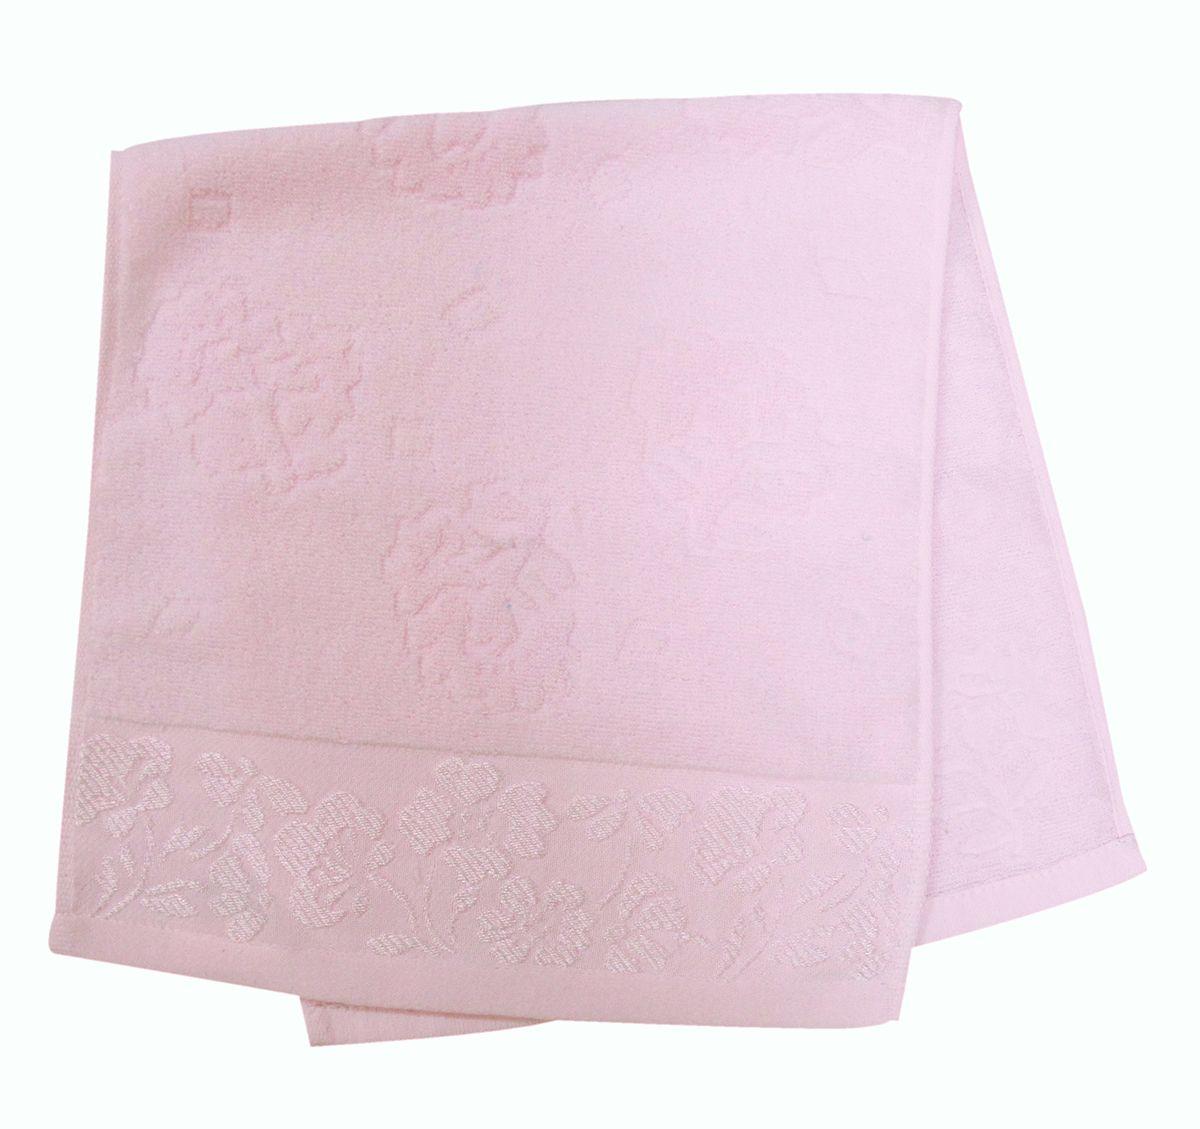 Полотенце махровое Bravo Ромашка, цвет: розовый, 33 х 70 см40707Полотенце Ромашка выполнено из натуральной махровой ткани (100% хлопок). Изделие отлично впитывает влагу, быстро сохнет, сохраняет яркость цвета и не теряет форму даже после многократных стирок.Полотенце очень практично и неприхотливо в уходе. Оно создаст прекрасное настроение и украсит интерьер в ванной комнате.